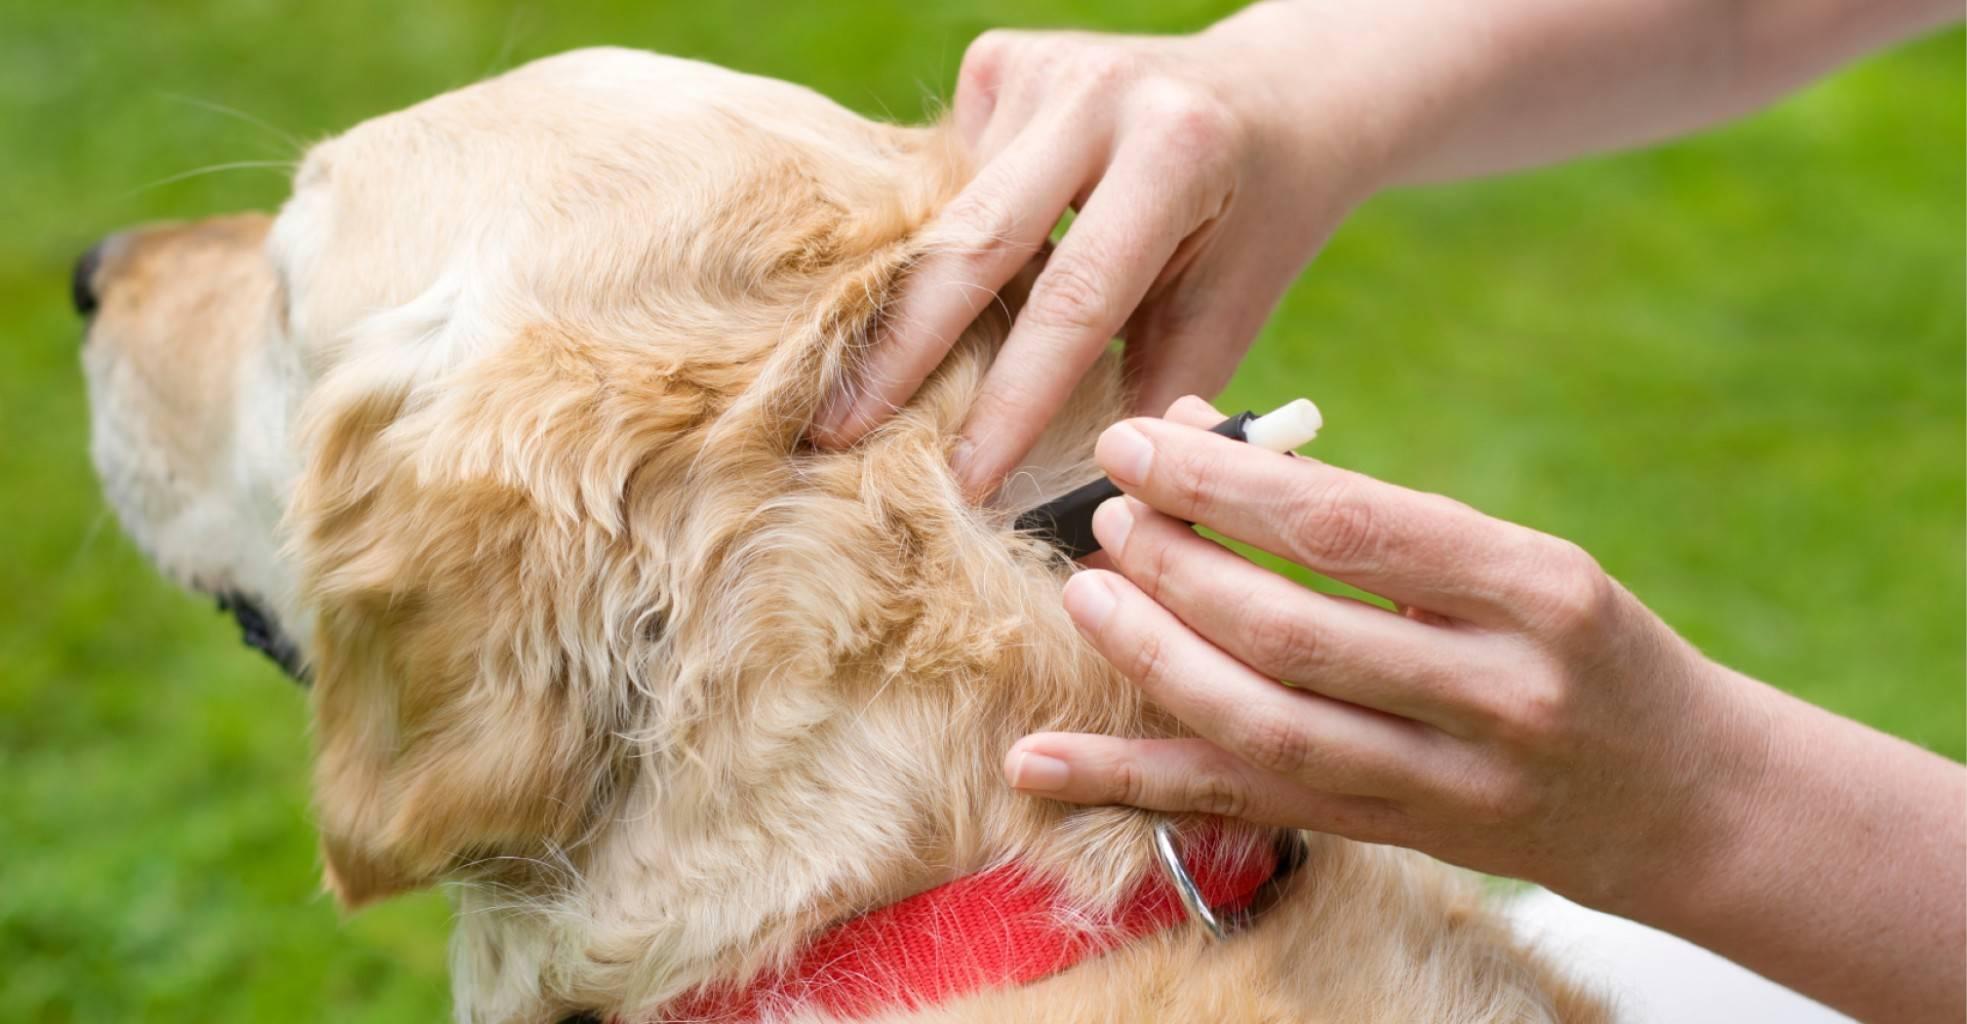 Средство от клещей для собак: капли, спреи и таблетки, народные рецепты для обработки